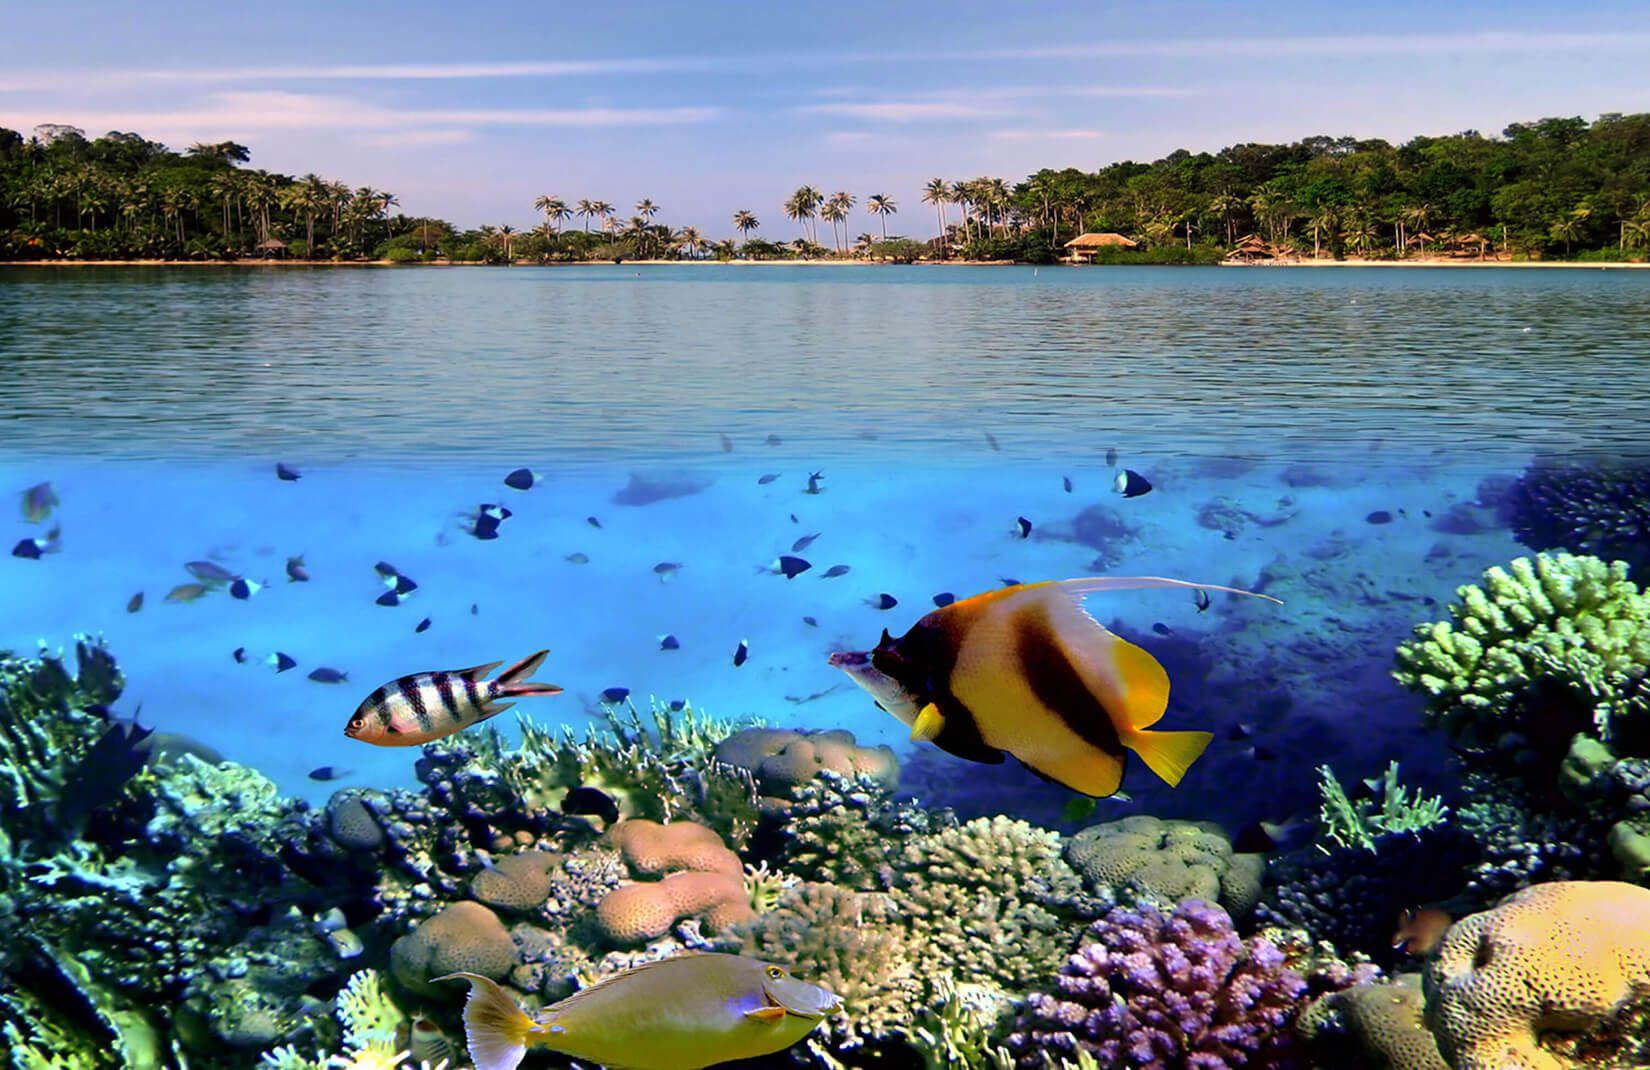 Tropical Sea Level Mural Wallpaper Aquarium Live Wallpaper